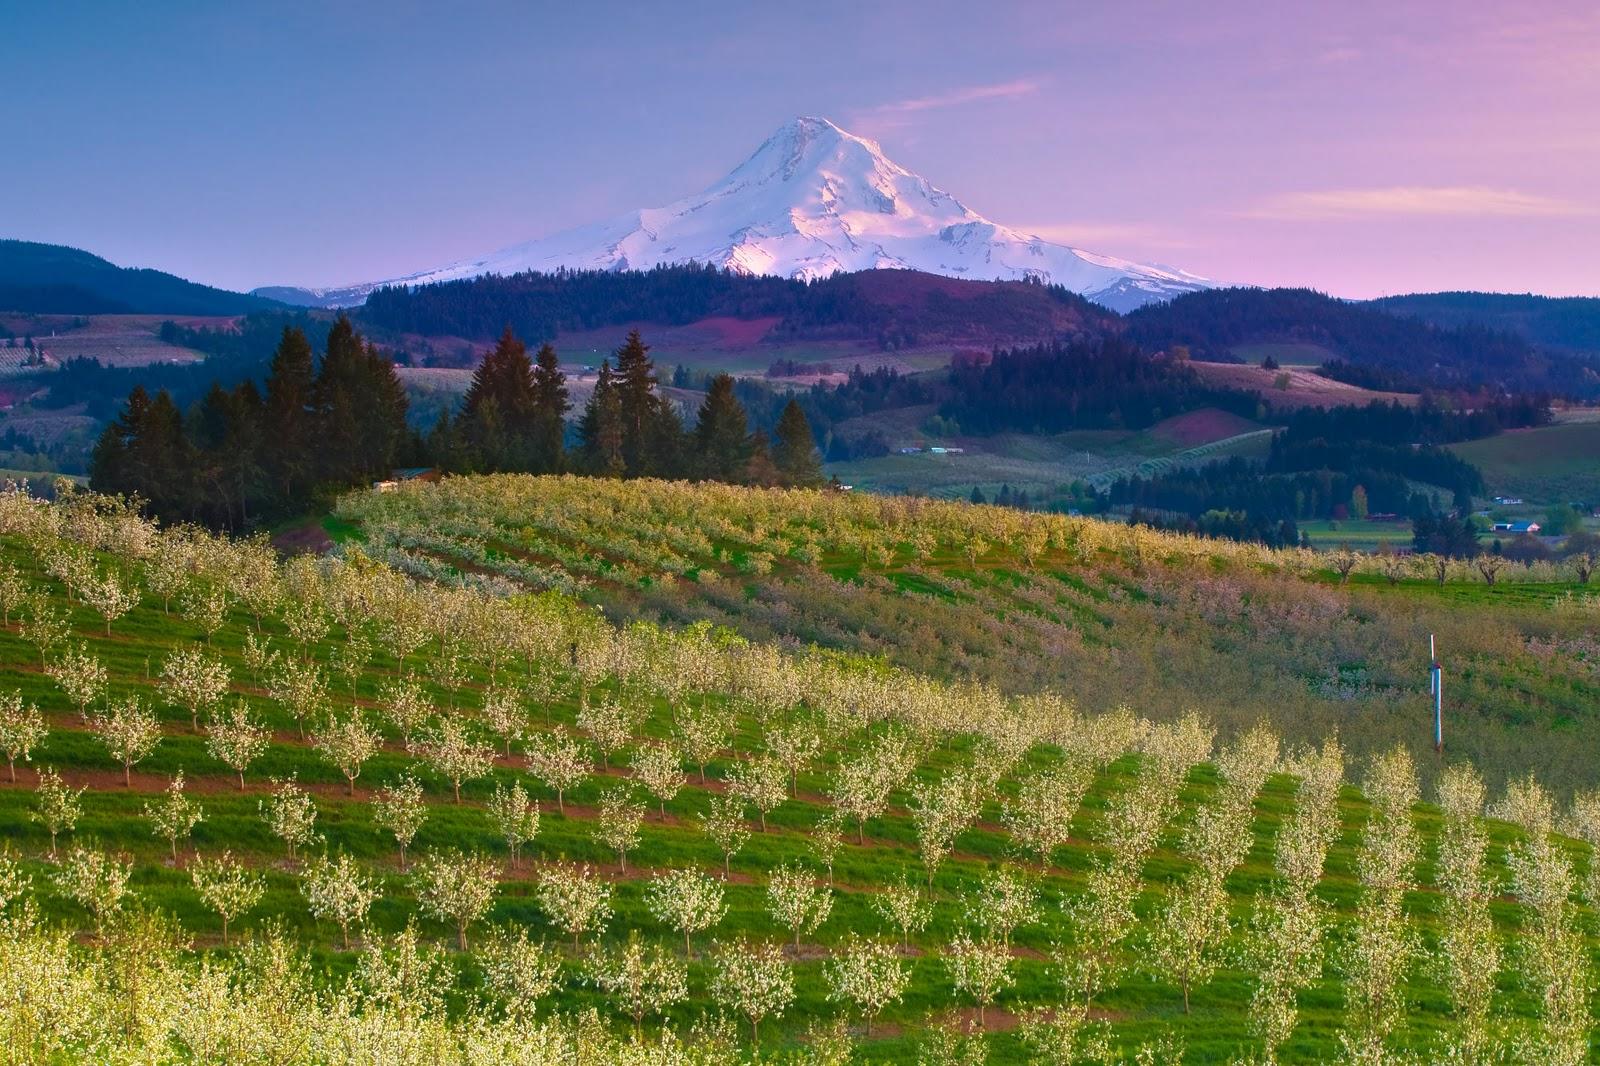 http://2.bp.blogspot.com/_W1ueYt1O3xs/TDr-saQoLNI/AAAAAAAAV0M/Ui33mON7IpM/s1600/Landscape+Wallpaper-2.jpg